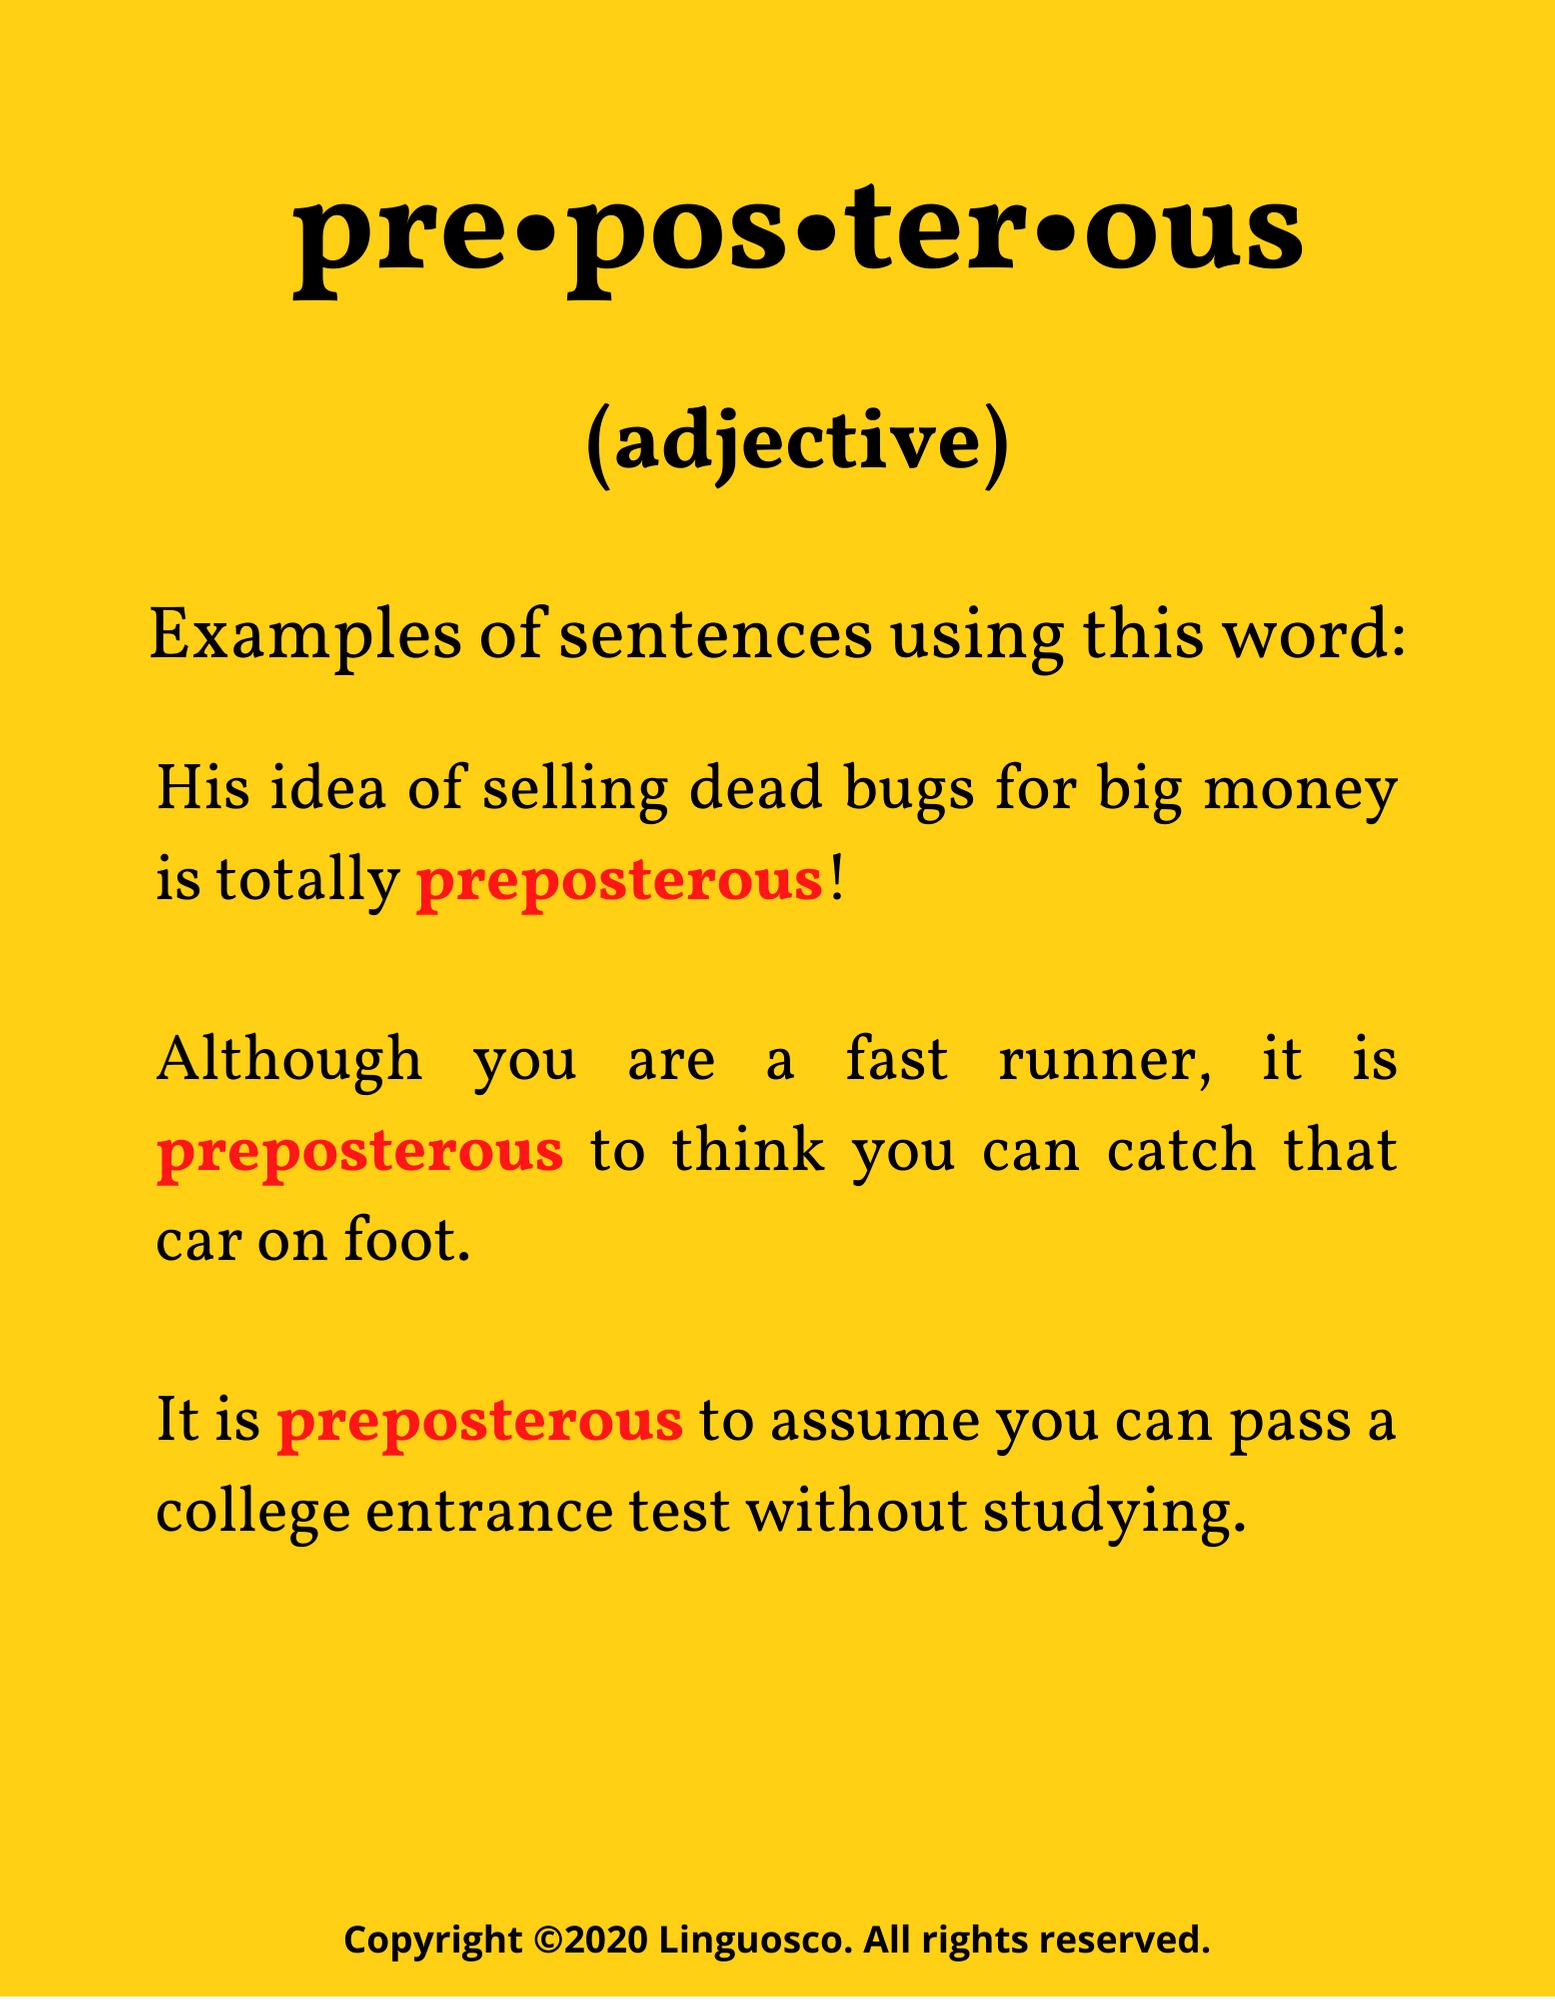 Preposterous - Word of the Week